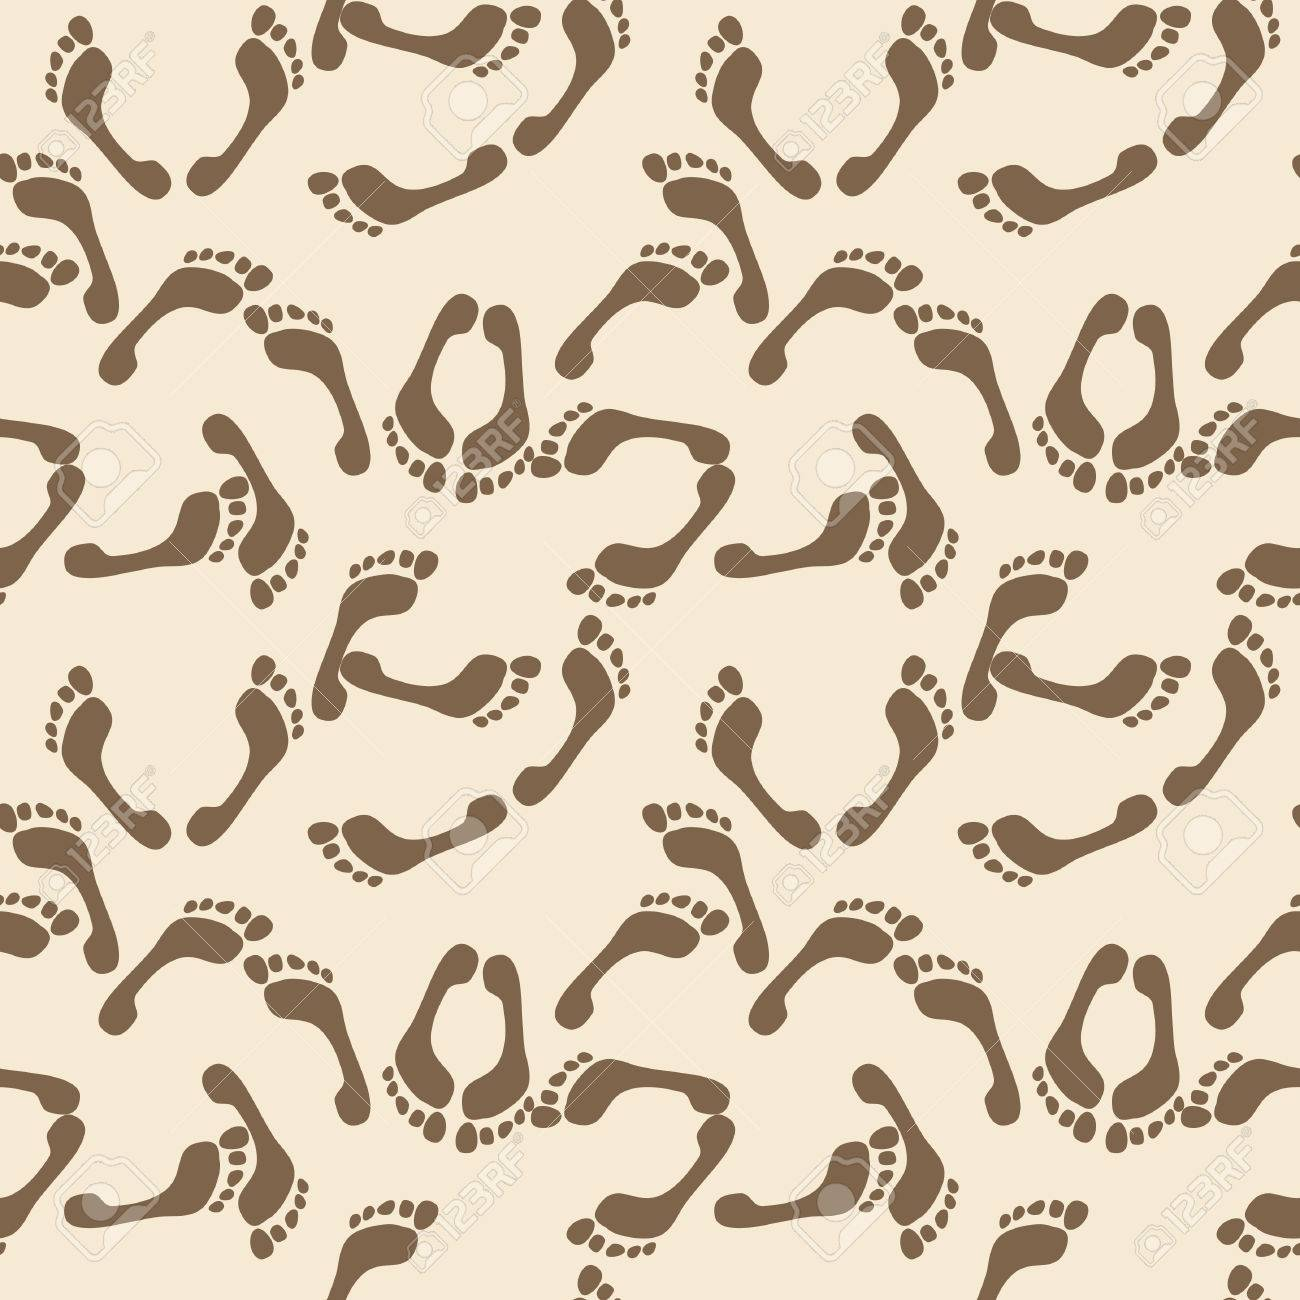 Seamless Footprint Wallpaper Stock Vector